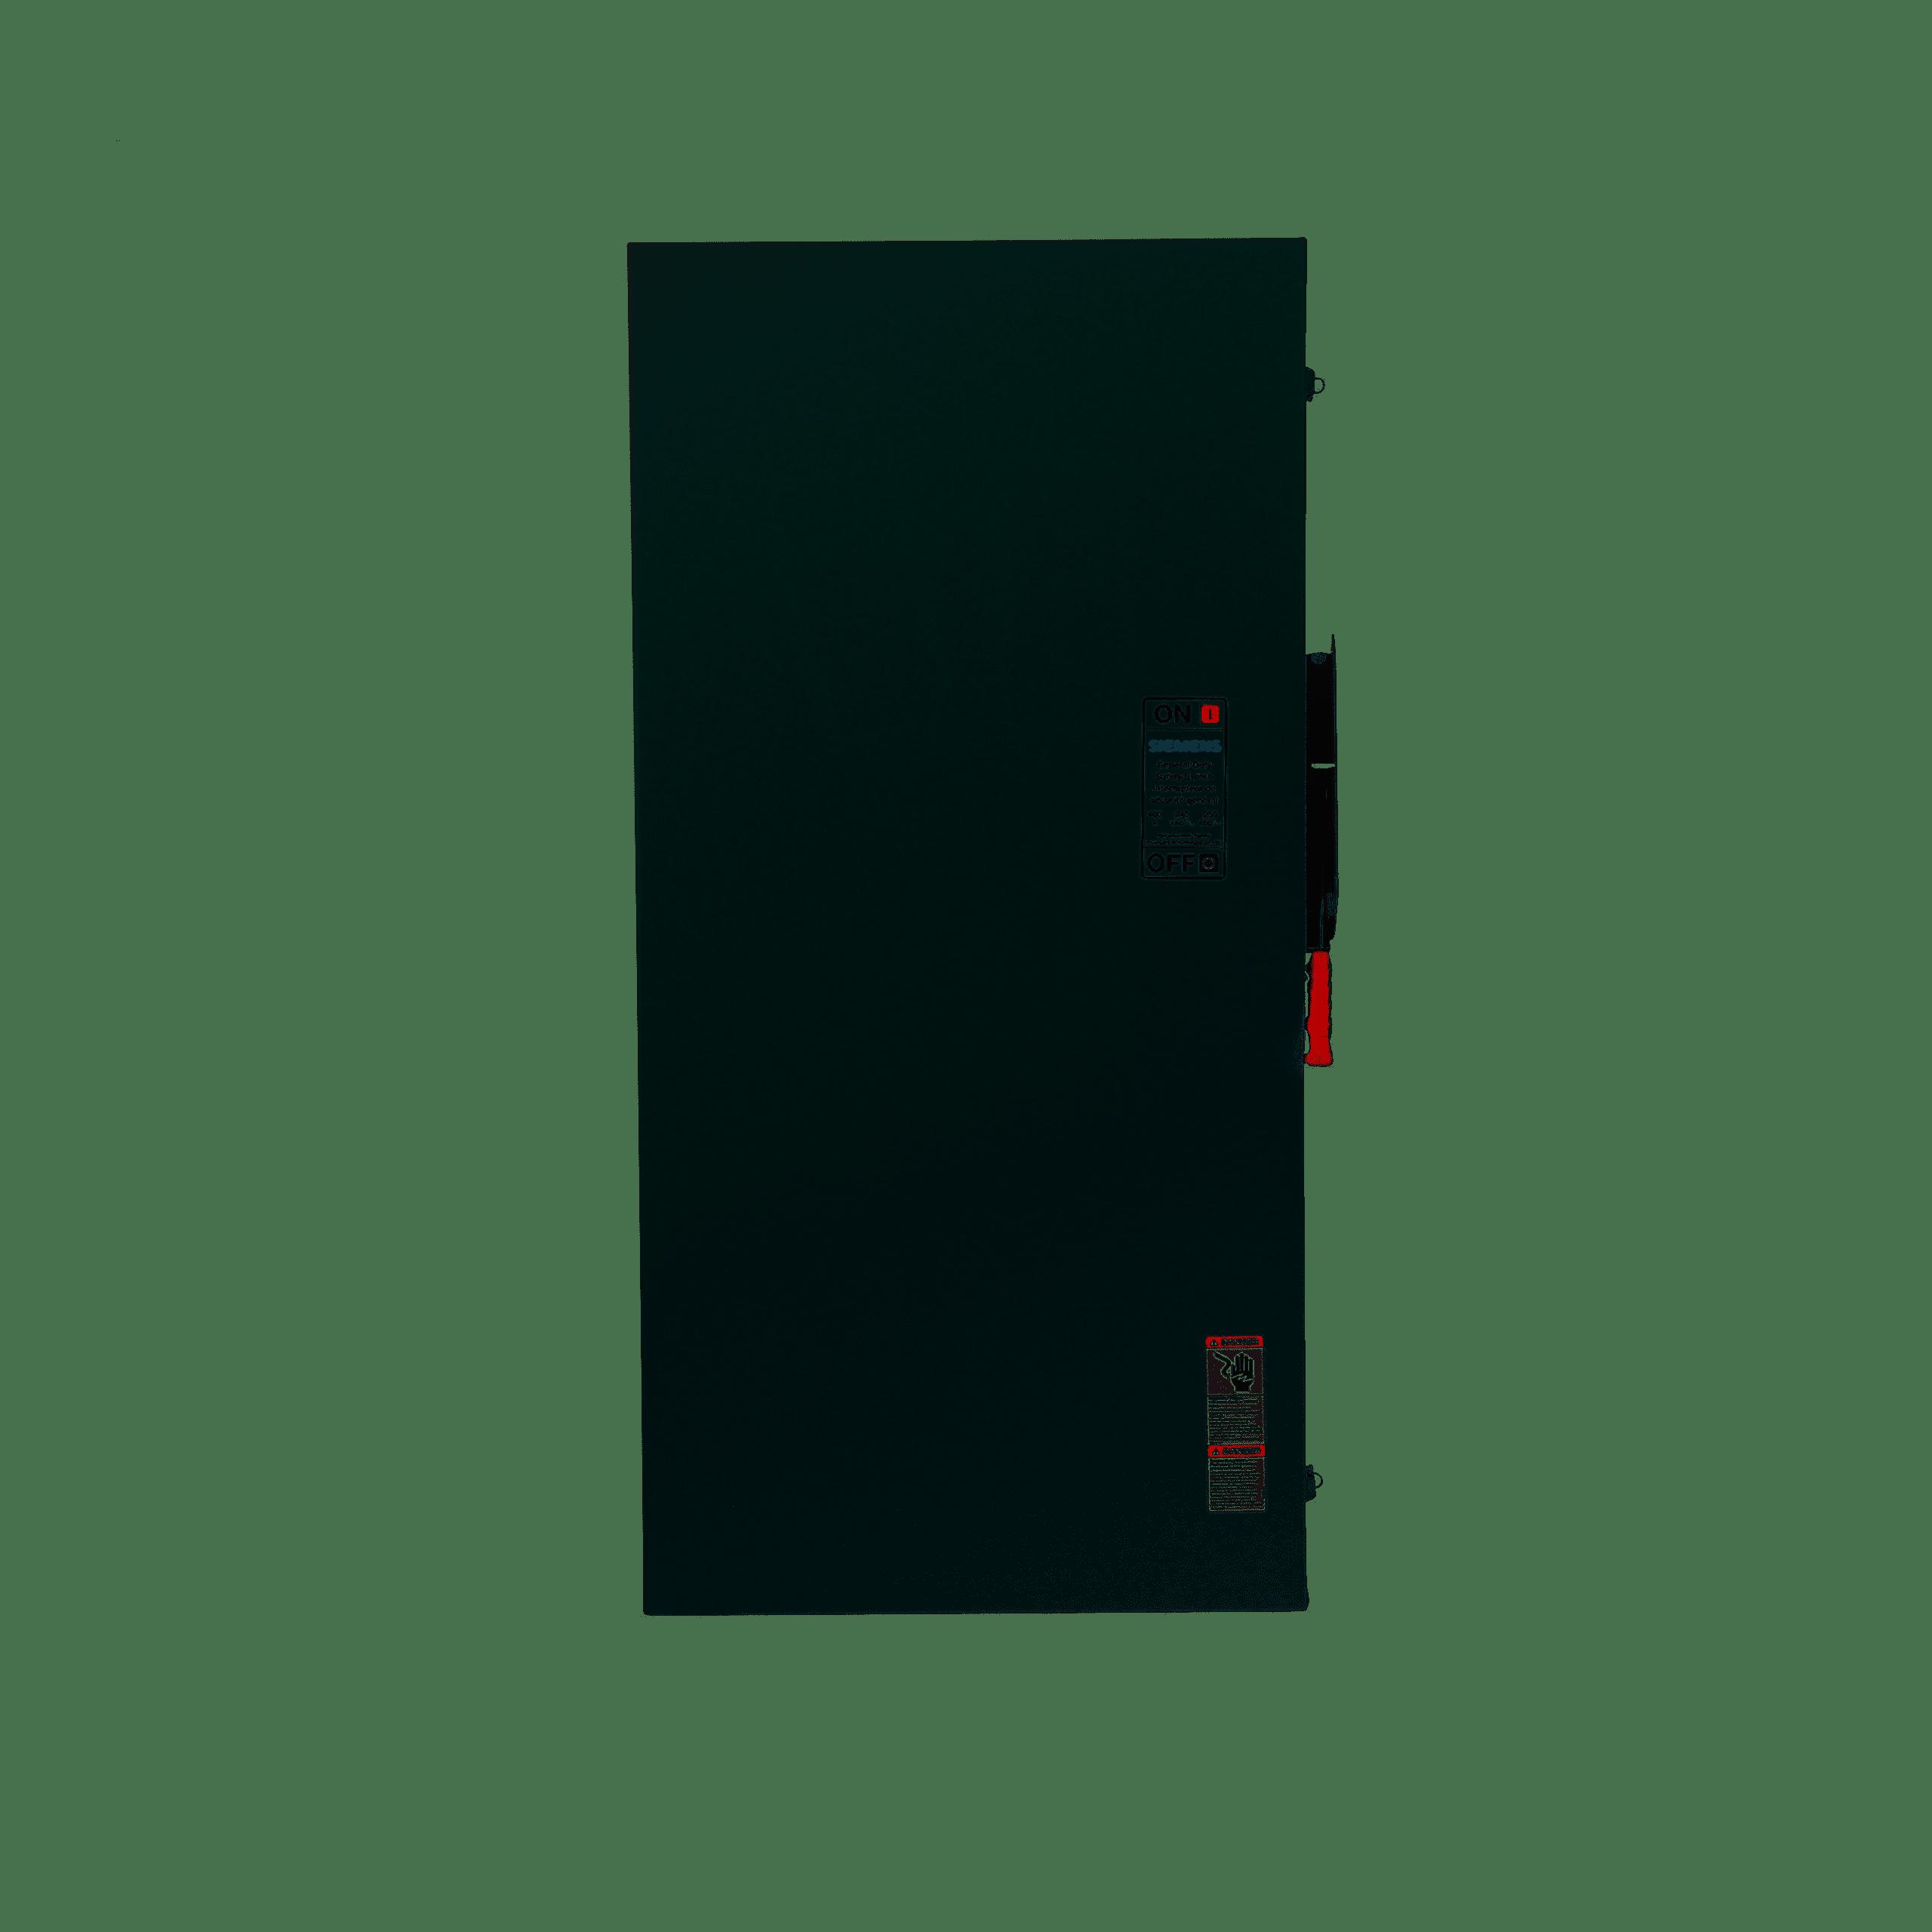 Siemens, GF325NRA, M78642